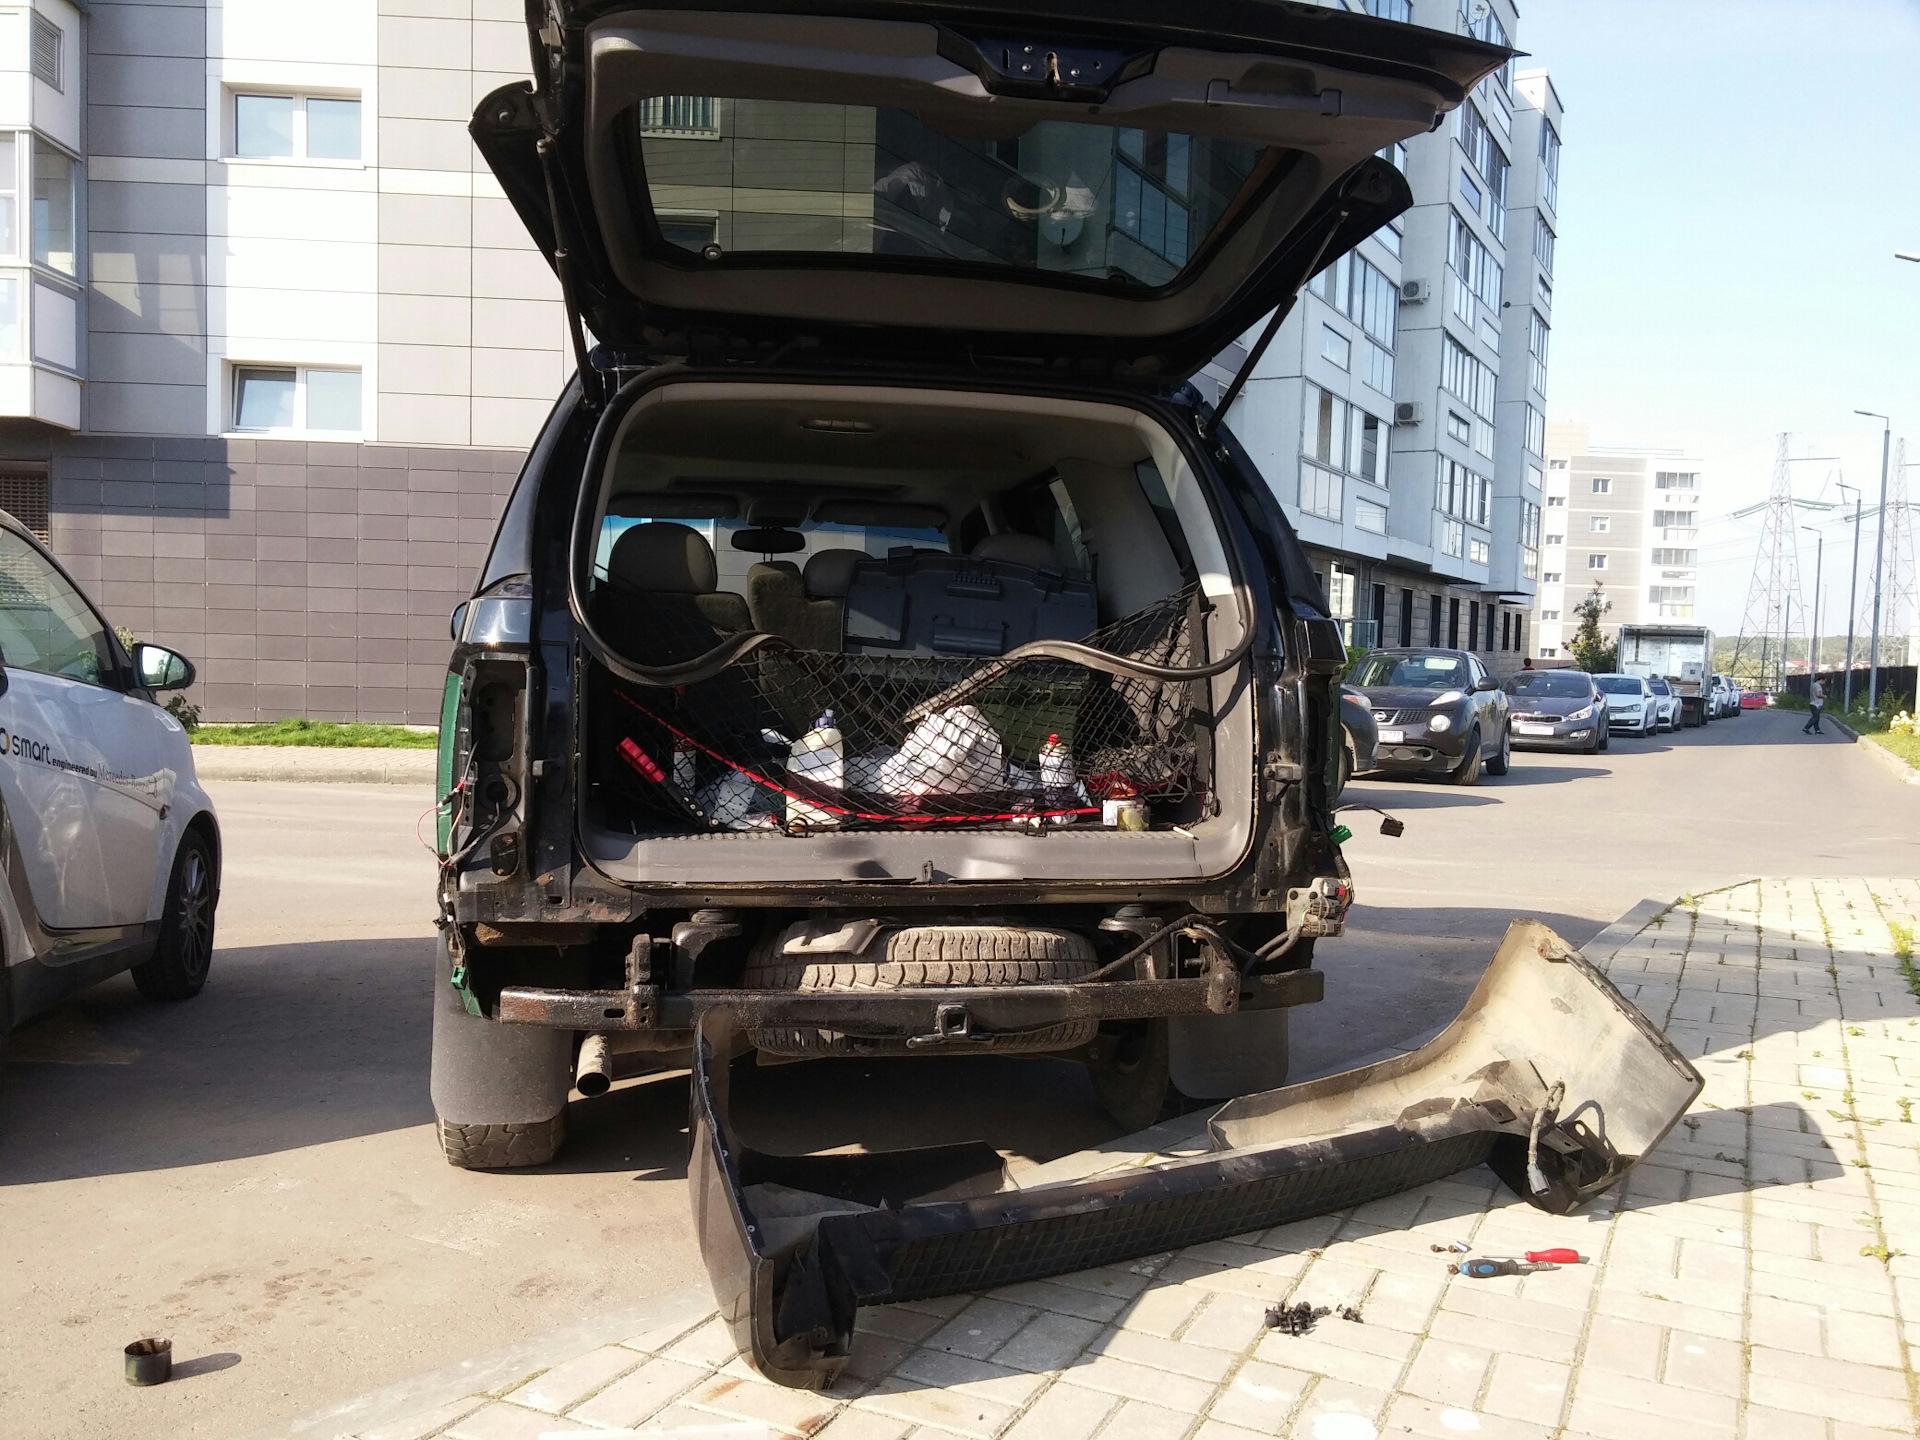 датчик включения стоп-сигнала на ford explorer 2004г.в.